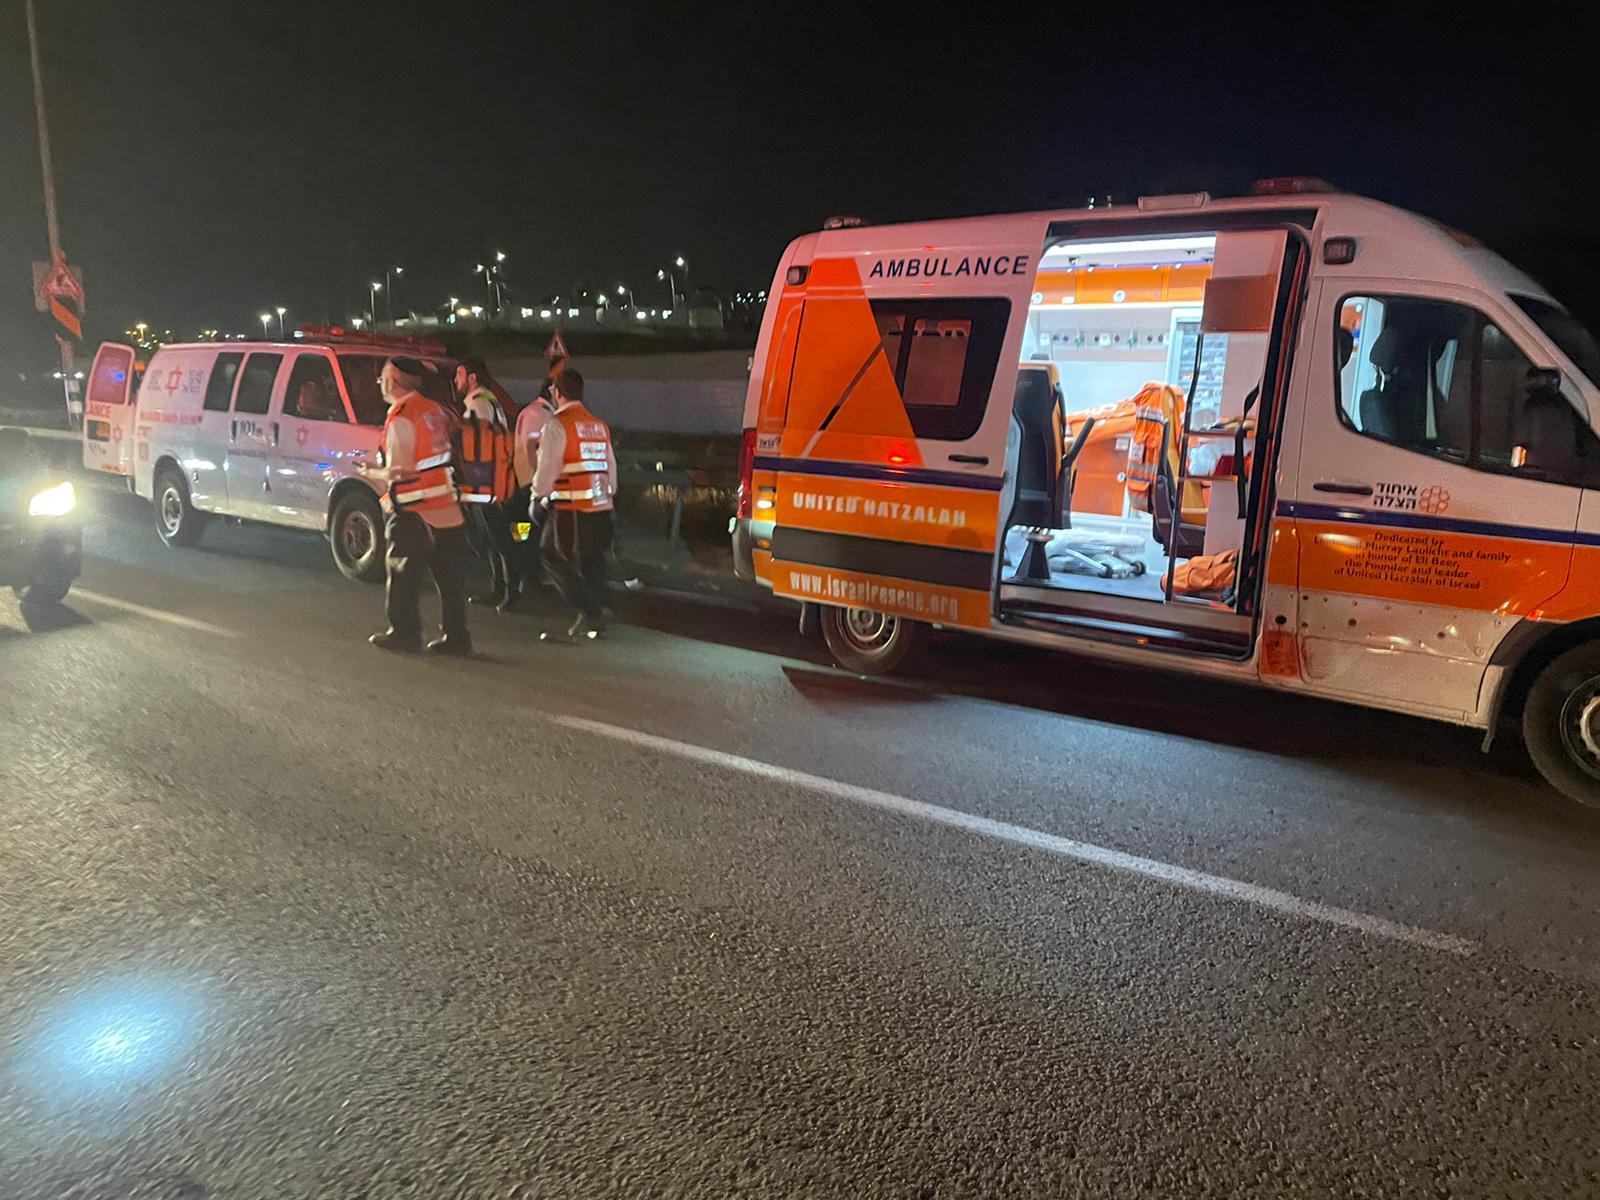 זירת התאונה בכביש 1 לכיוון מעלה אדומים (צילום: דוברות איחוד הצלה)